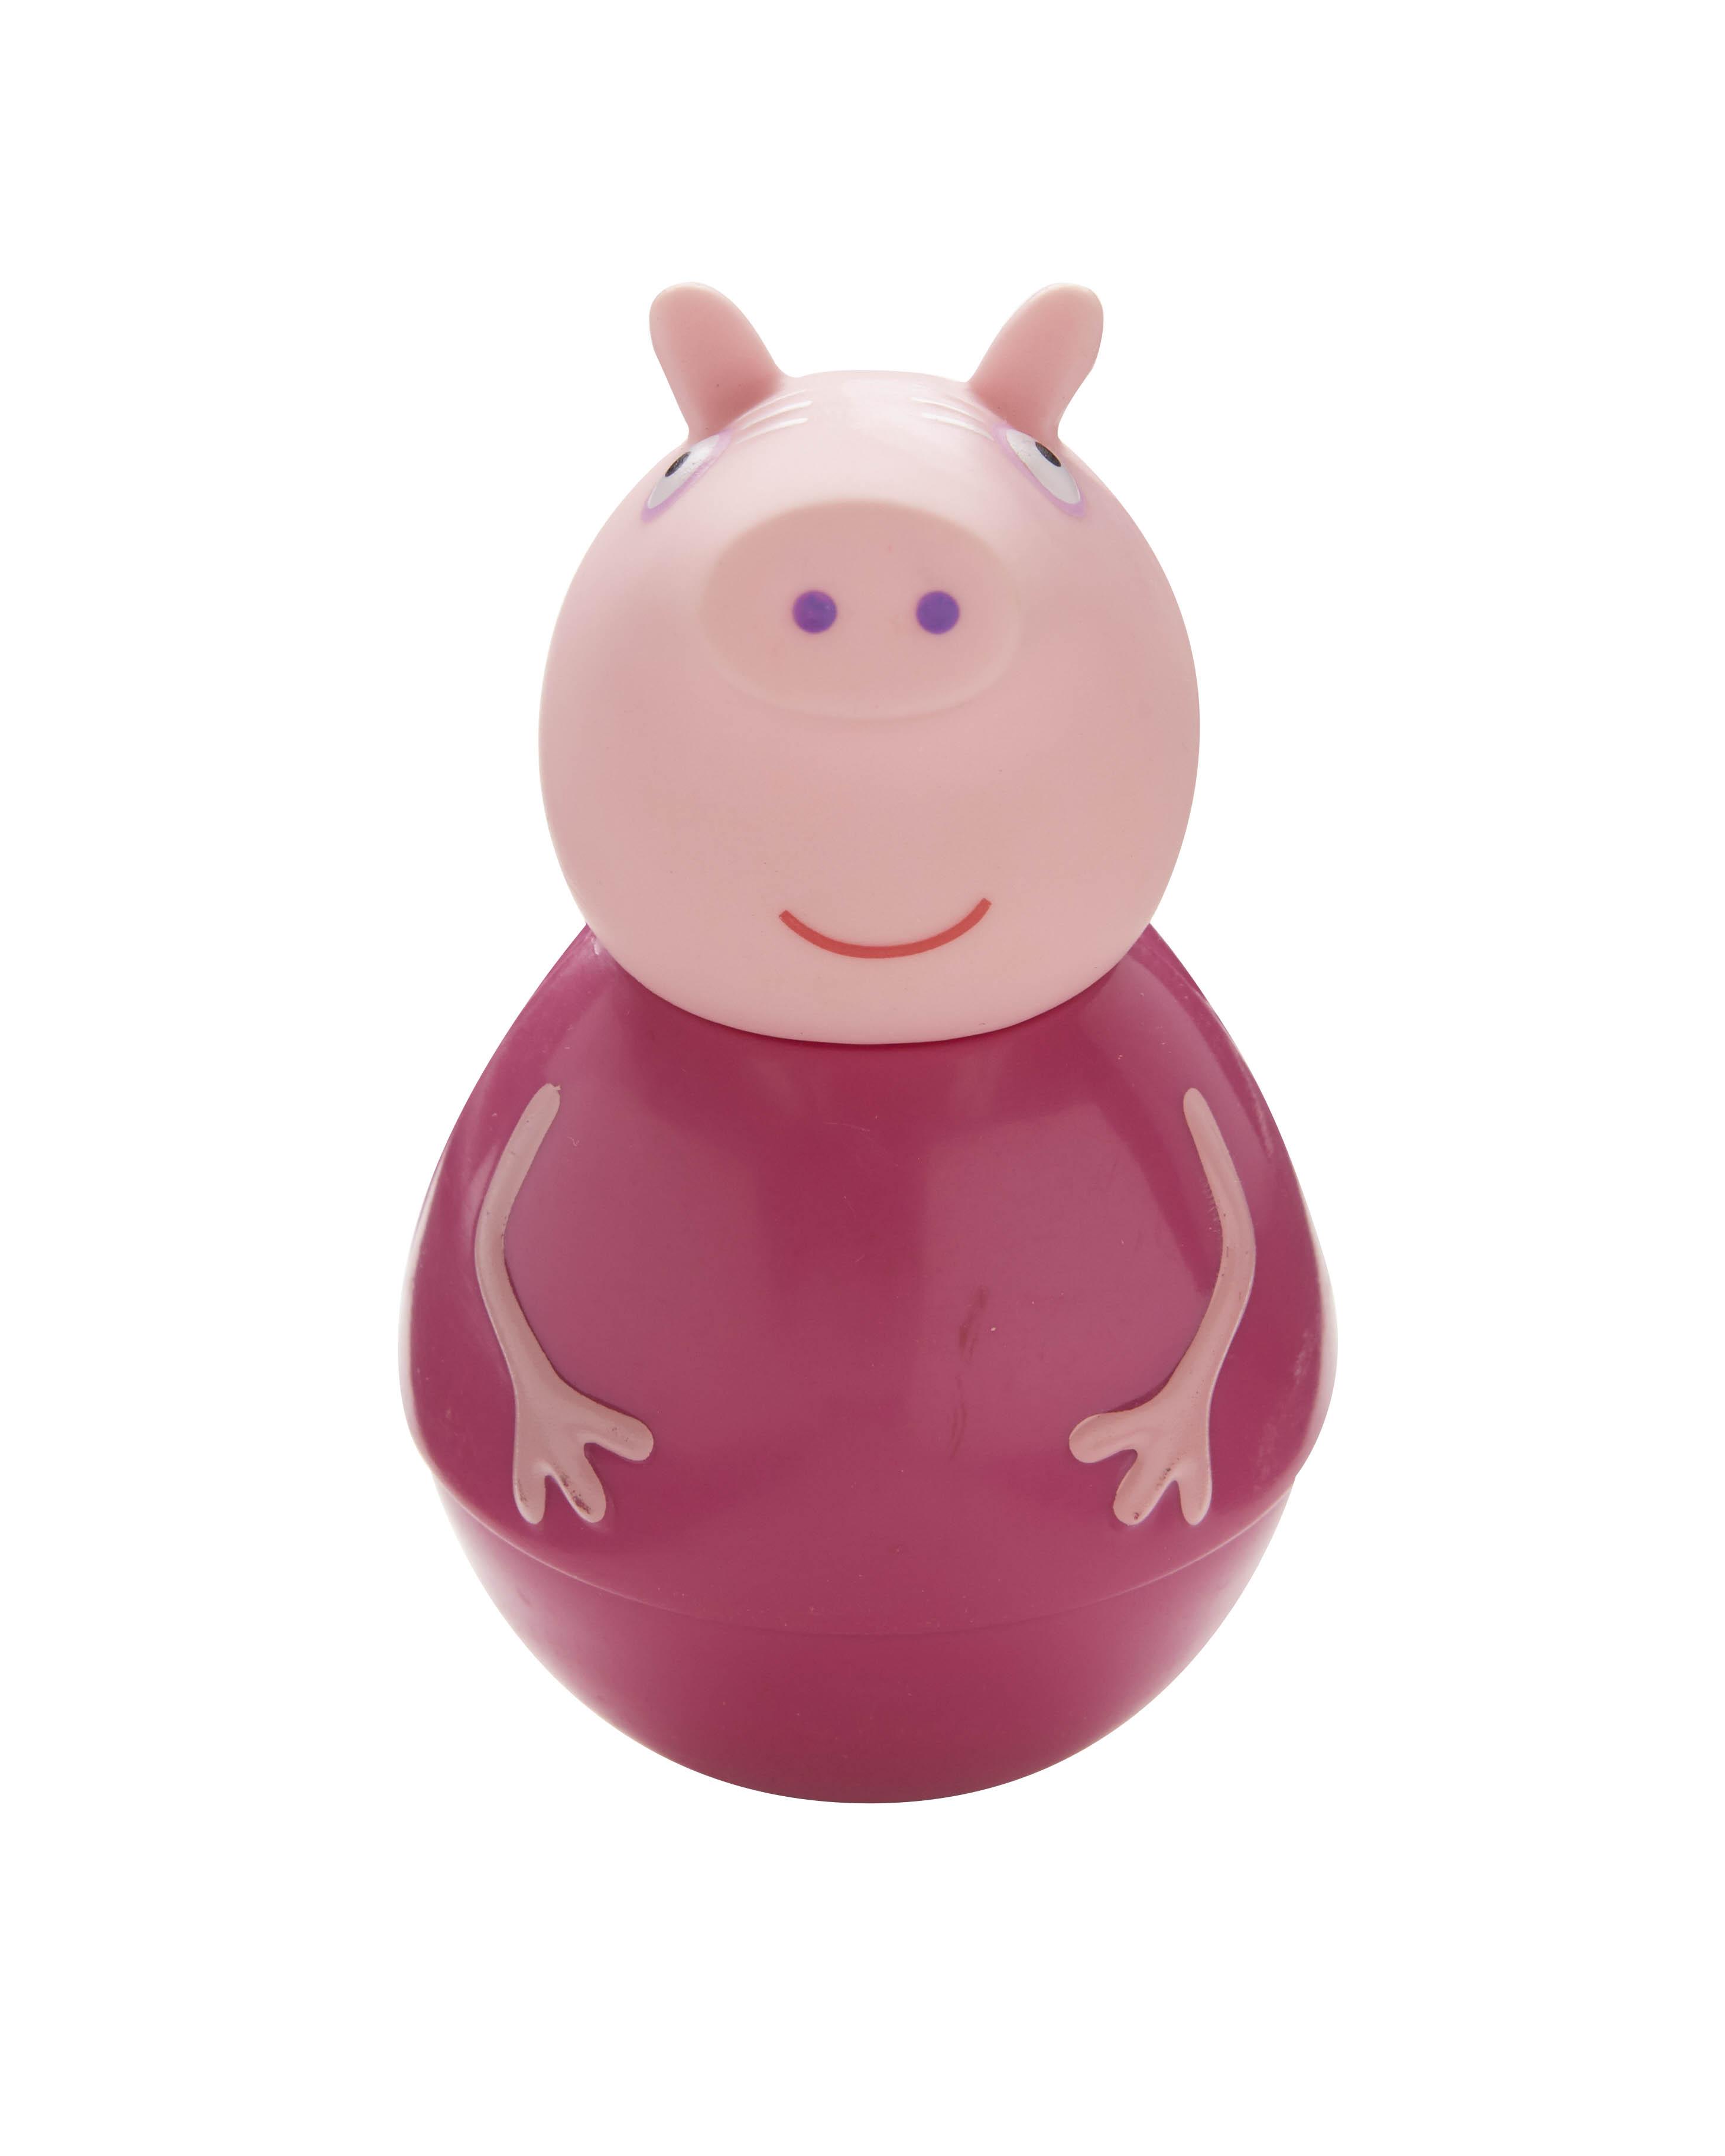 Фигурка-неваляшка Weebles «Бабушка Пеппы» тм Peppa PigСвинка Пеппа (Peppa Pig )<br>Фигурка-неваляшка Weebles «Бабушка Пеппы» тм Peppa Pig<br>